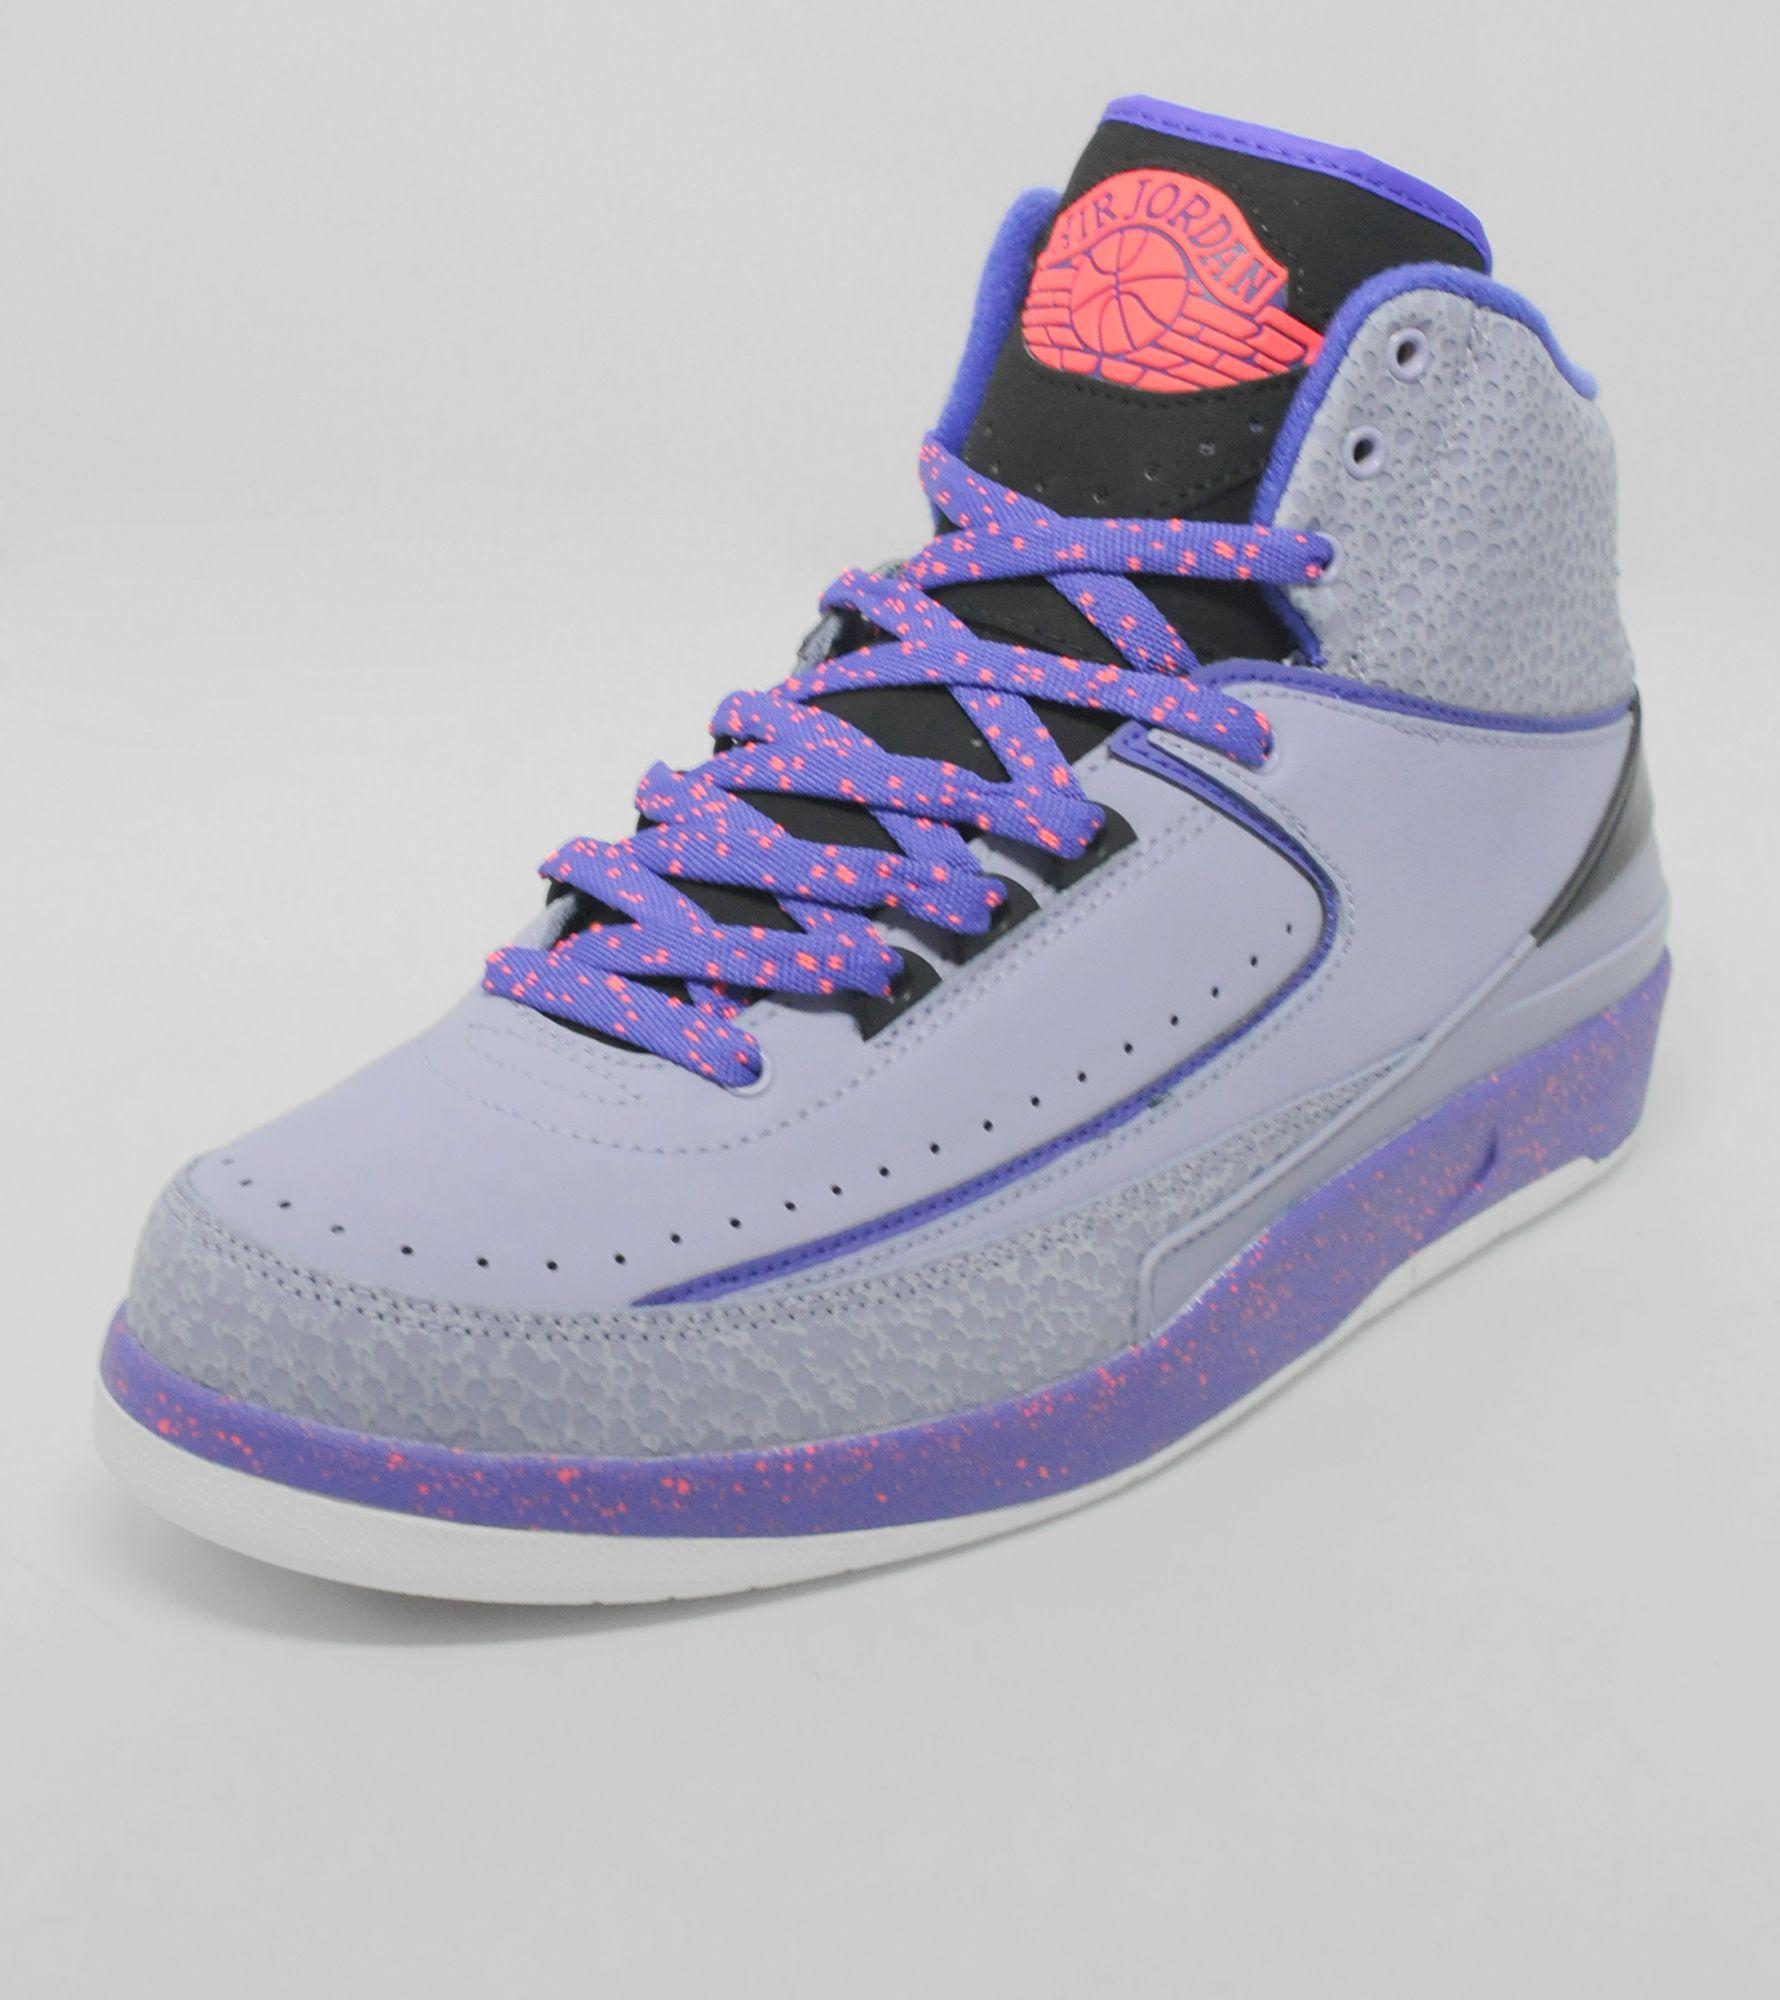 Jordan II Retro 'Iron Purple'